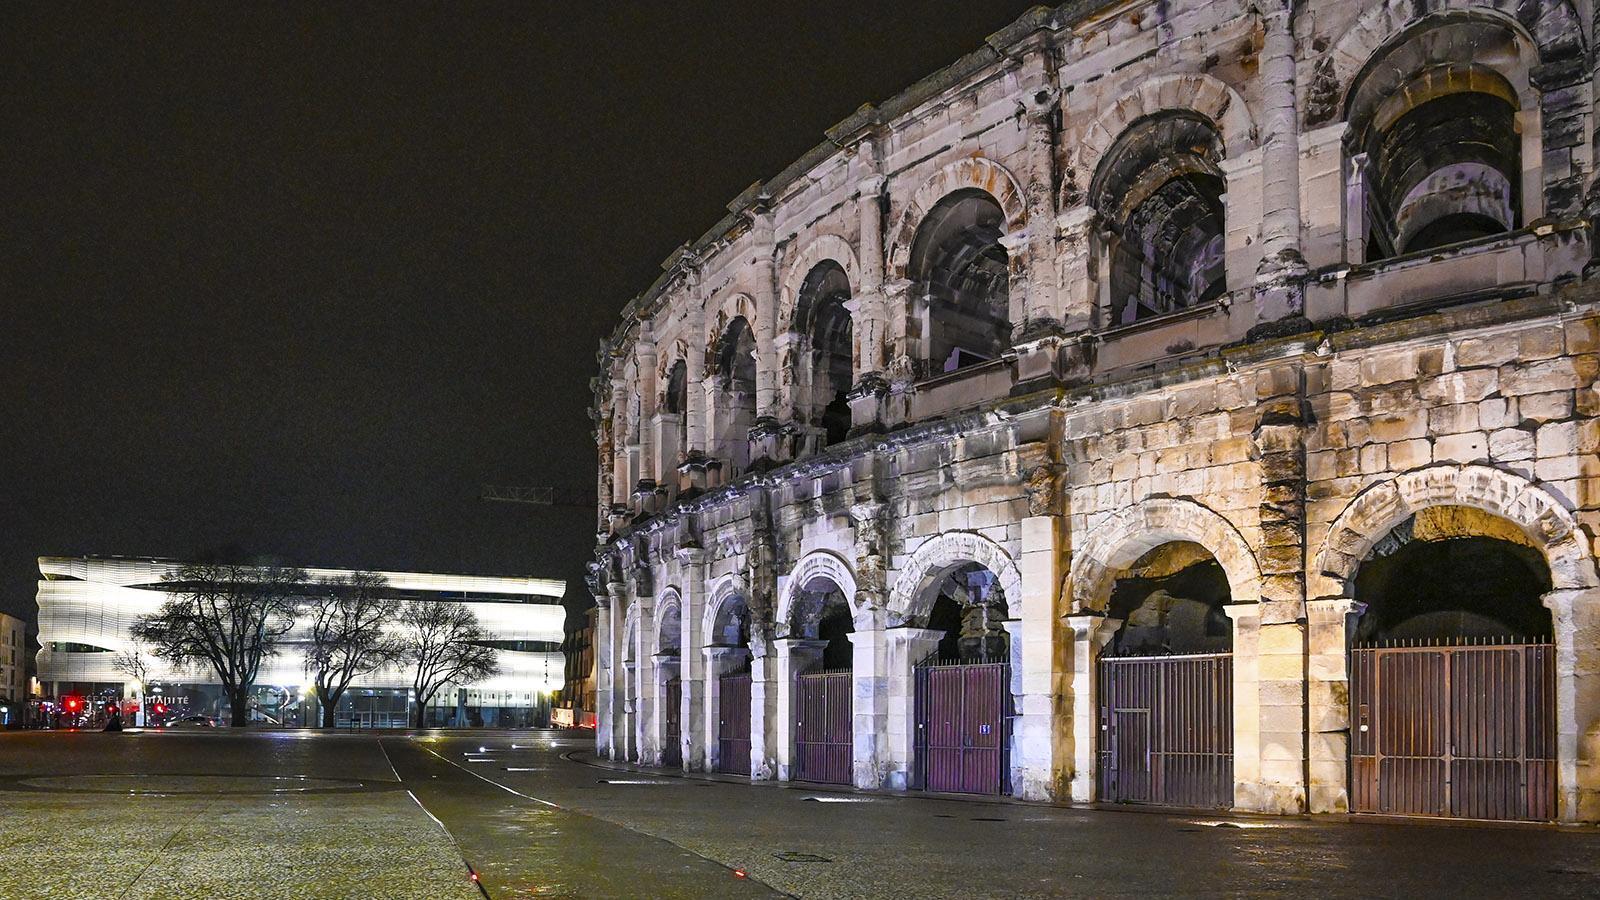 Nîmes: Museum und Arenen bei Nacht. Foto: Hilke Maunder